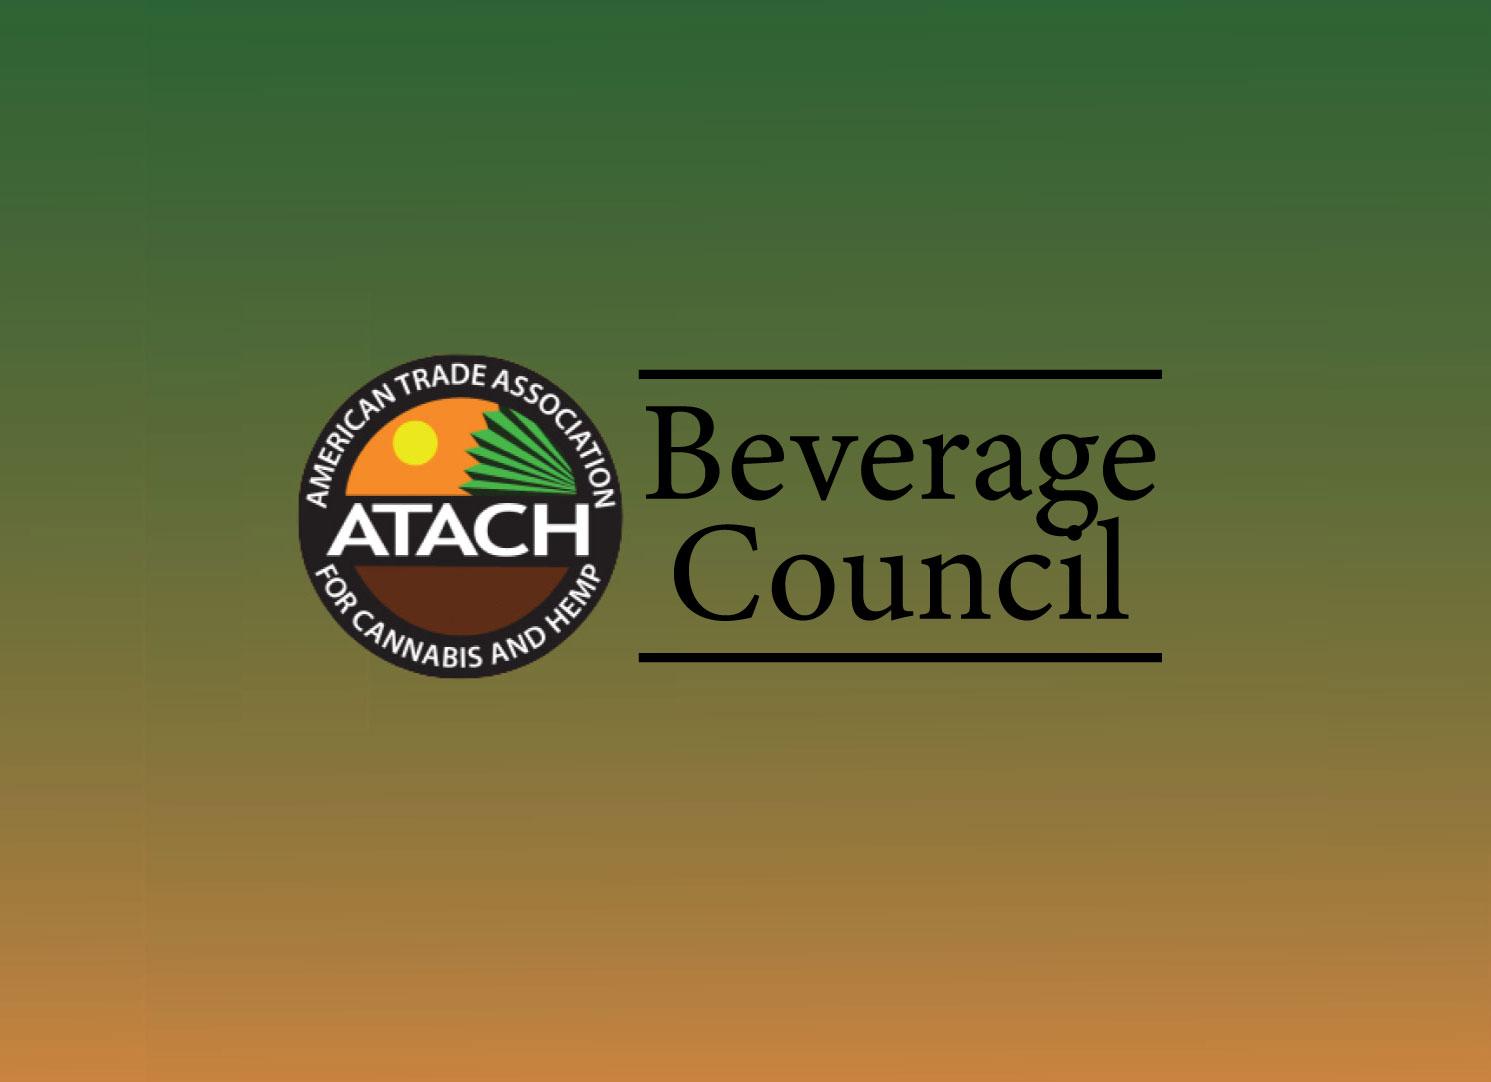 atach-beverage-council-slide